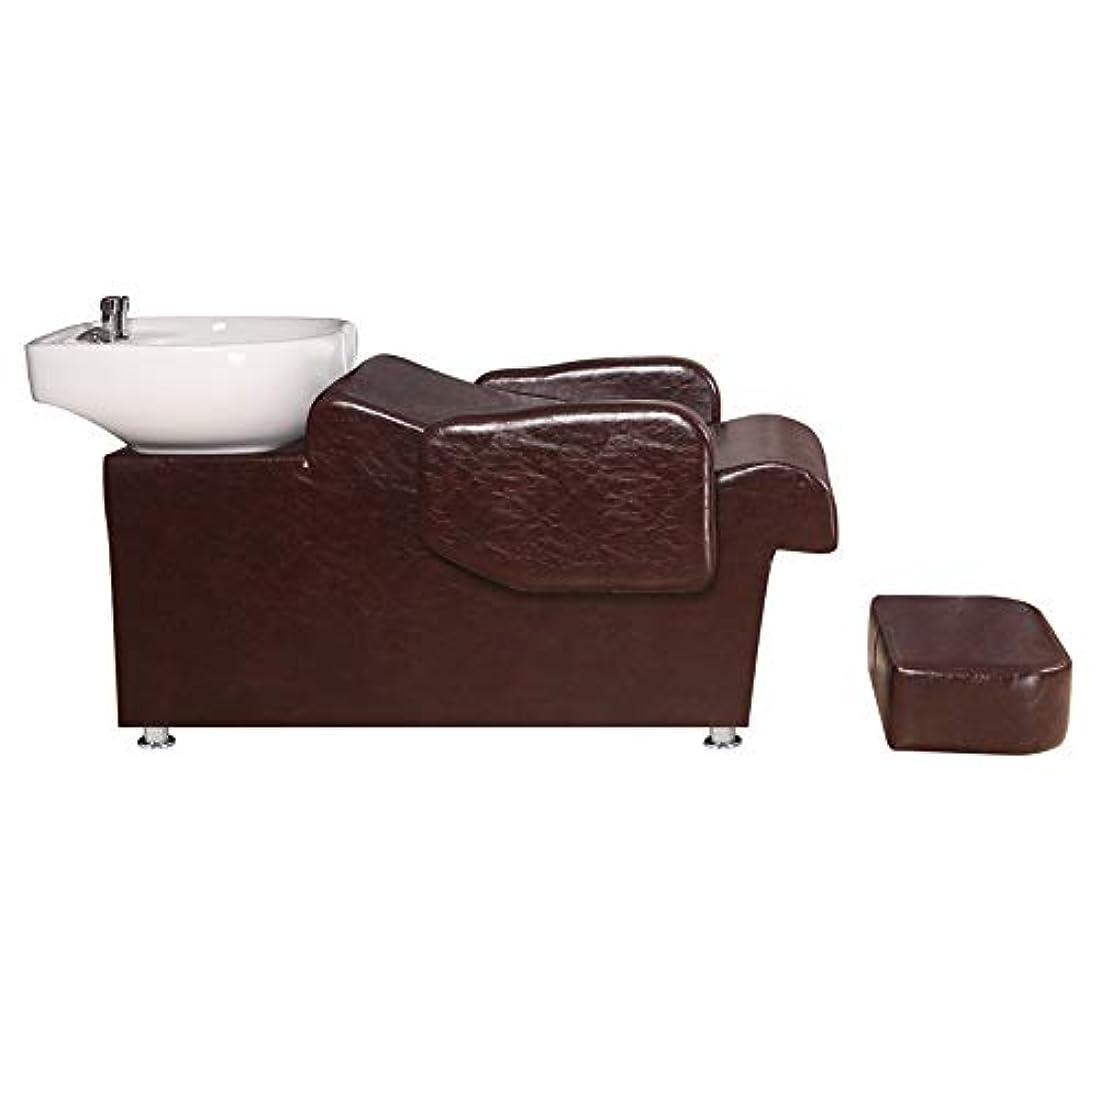 手荷物灰免疫シャンプーの理髪師の逆洗の椅子、鉱泉の美容院のためのシャンプーボールの流しの椅子半横たわっている鉱泉の美容院装置